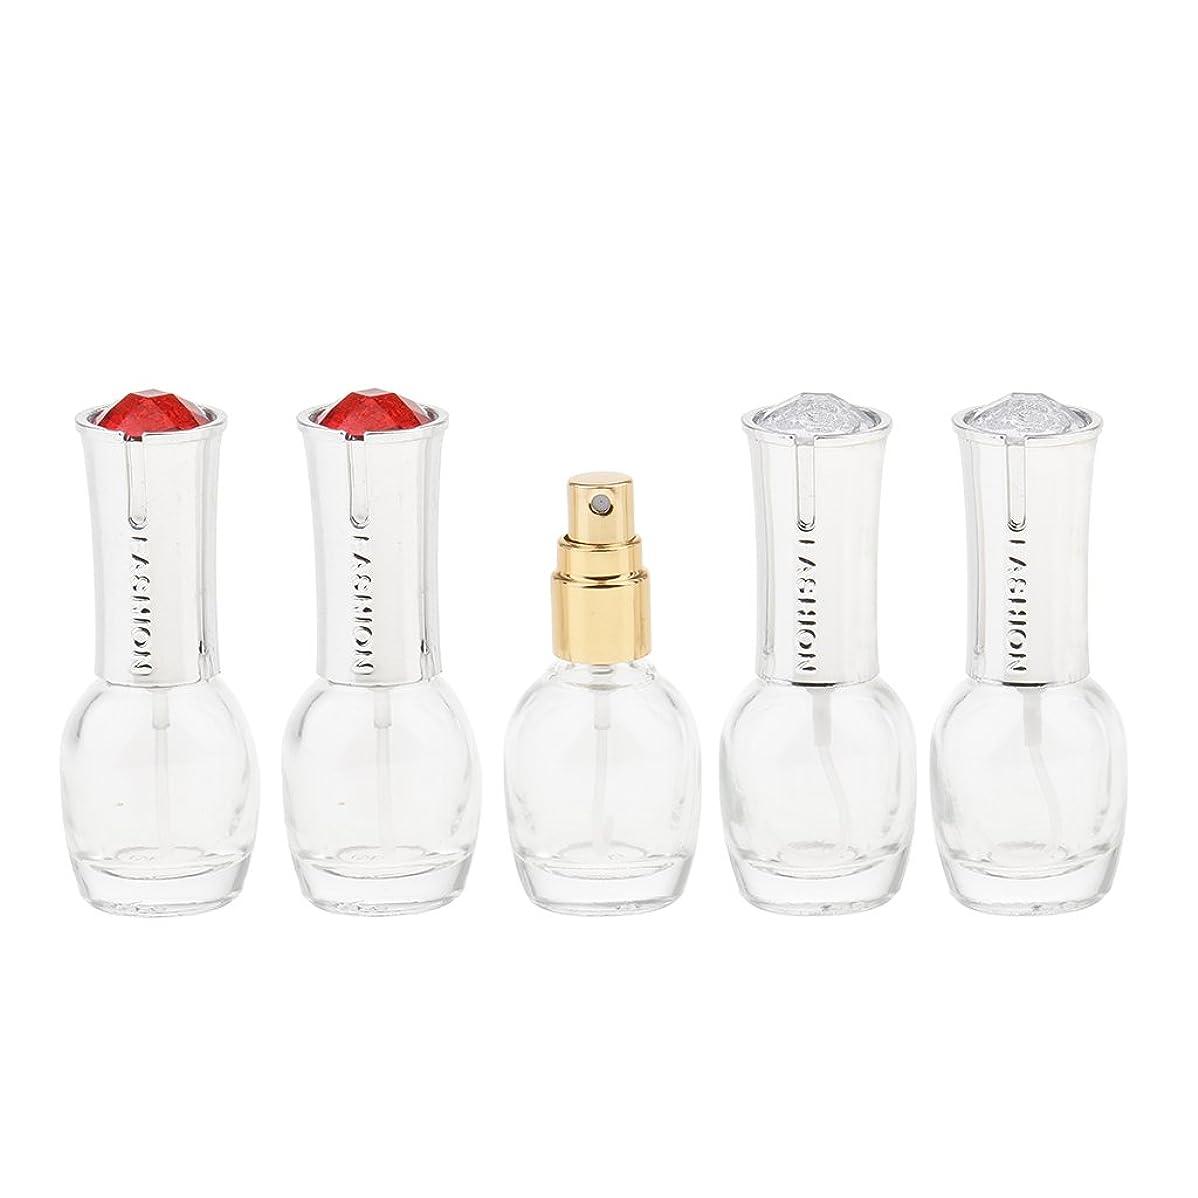 Kesoto 5個 ガラス 香水ボトル 空のガラスエッセンシャル オイル 香水 アトマイザー スプレーボトル 10ml 旅行